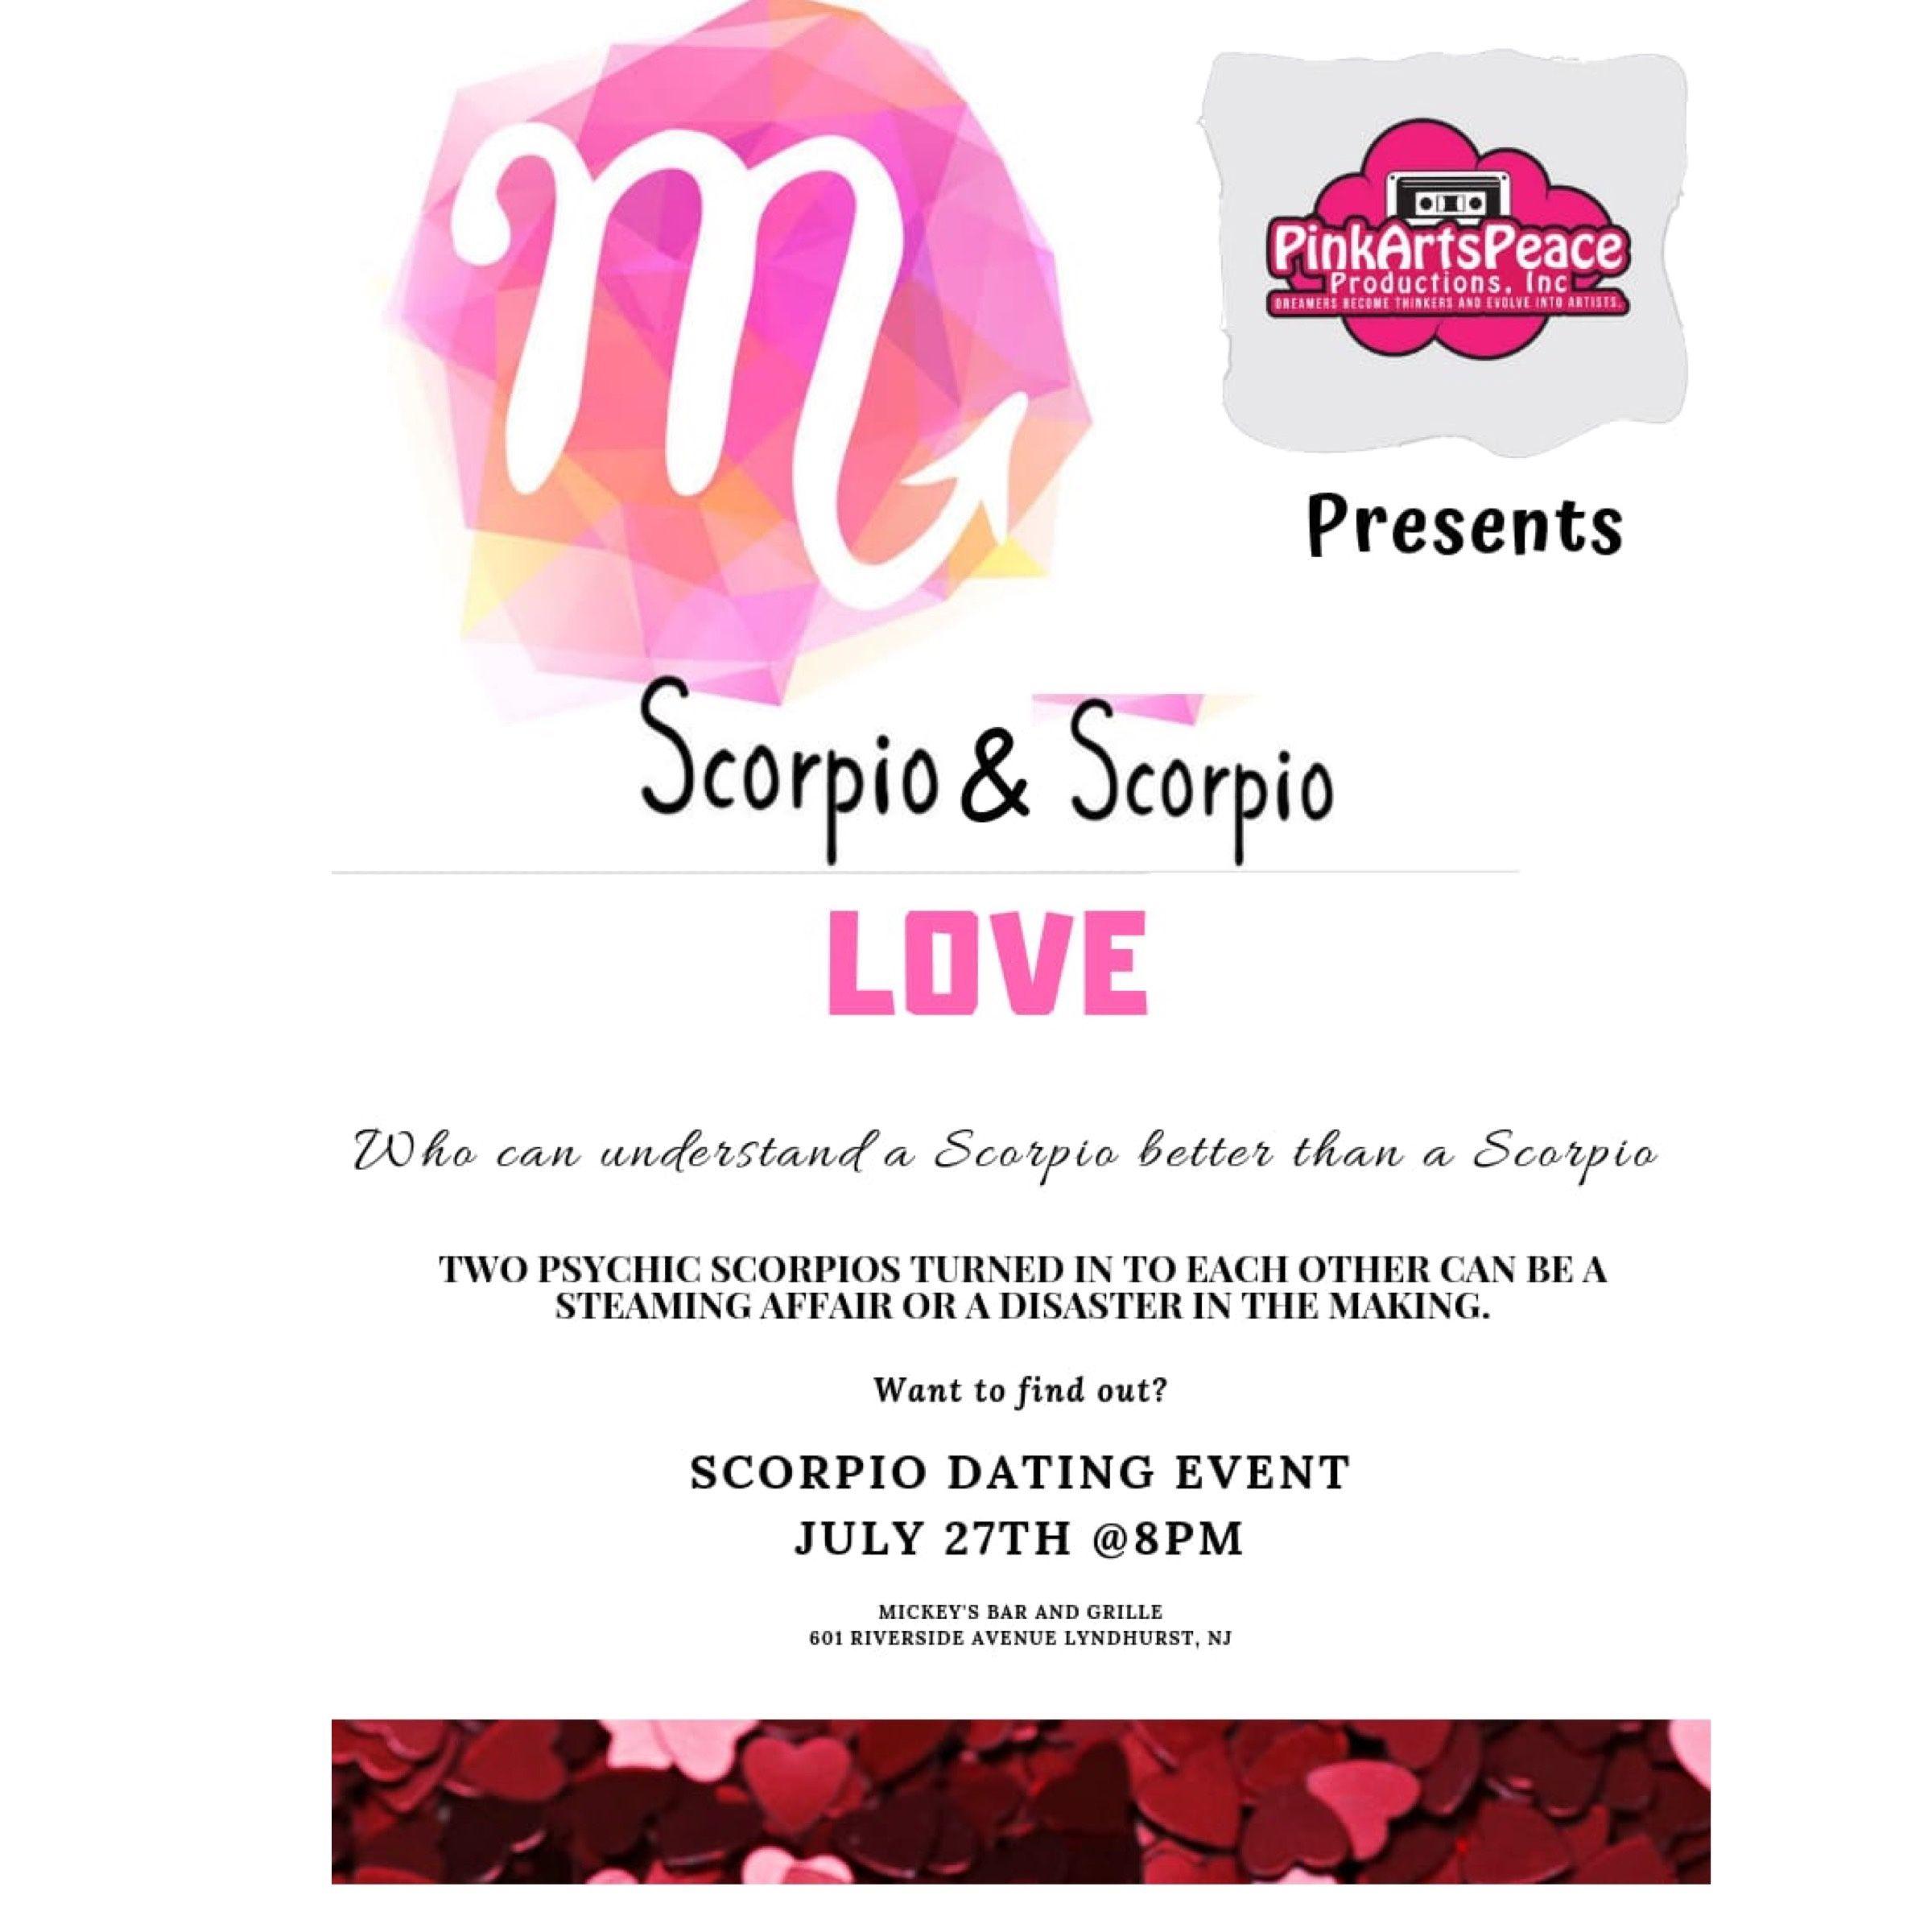 Scorpio & Scorpio Dating Mixer